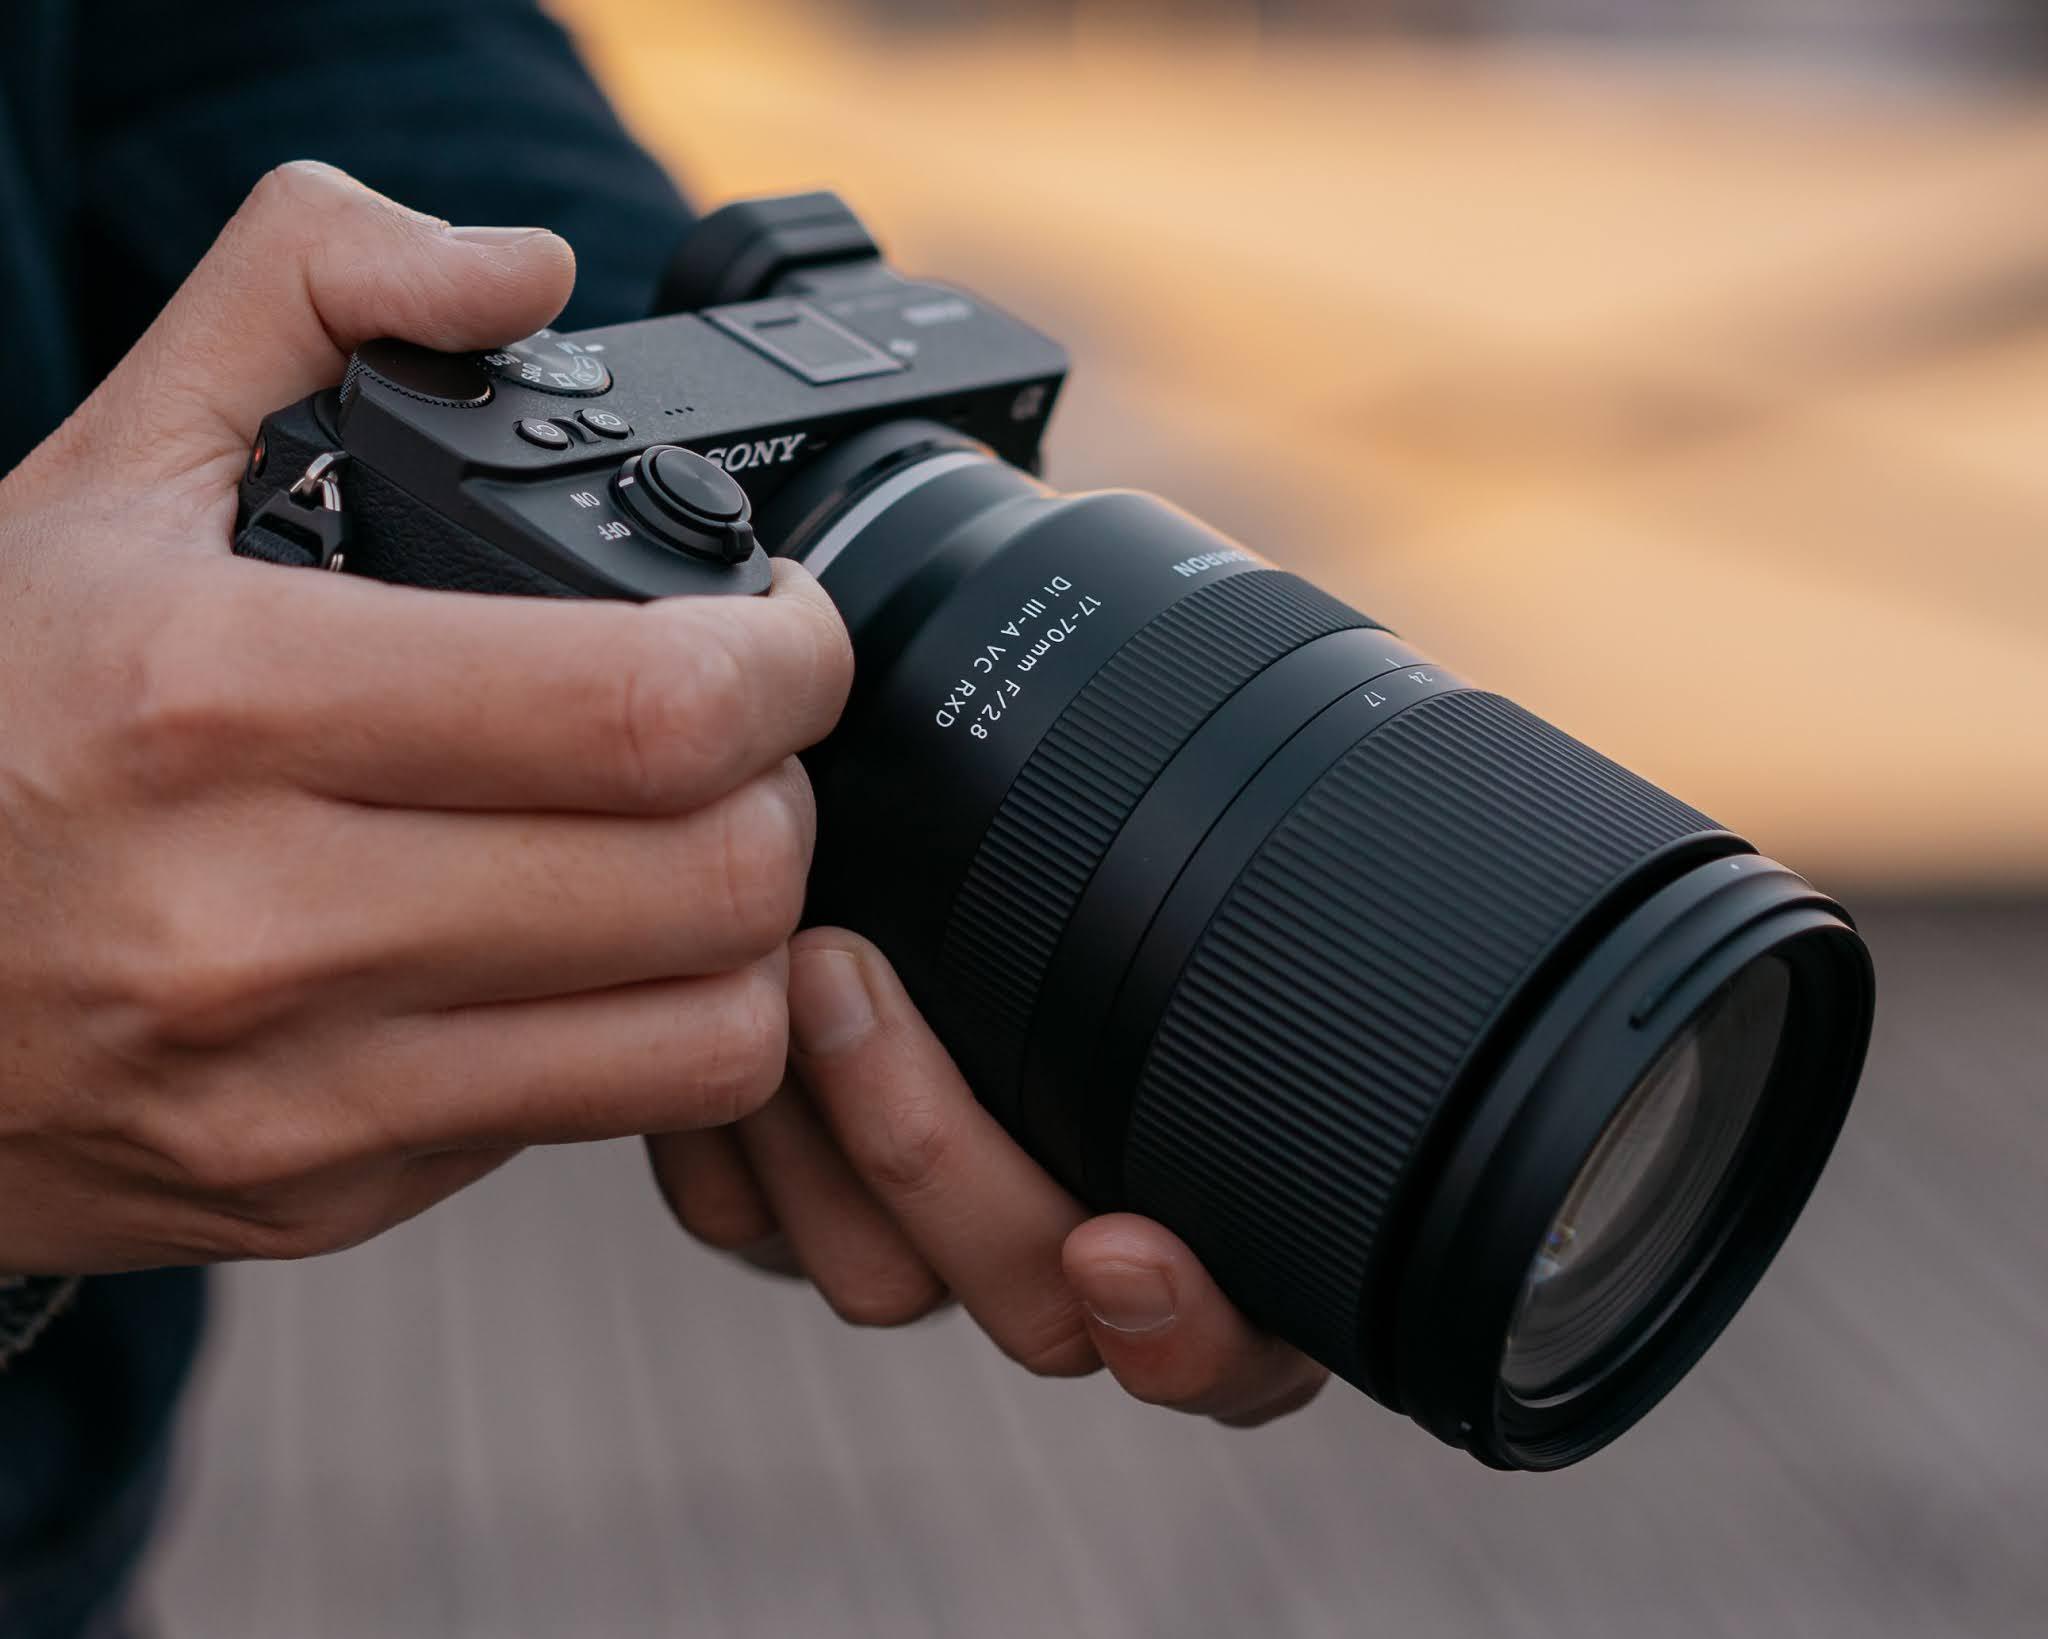 Объектив Tamron 17-70mm f/2.8 Di III-A VC RXD с камерой Sony